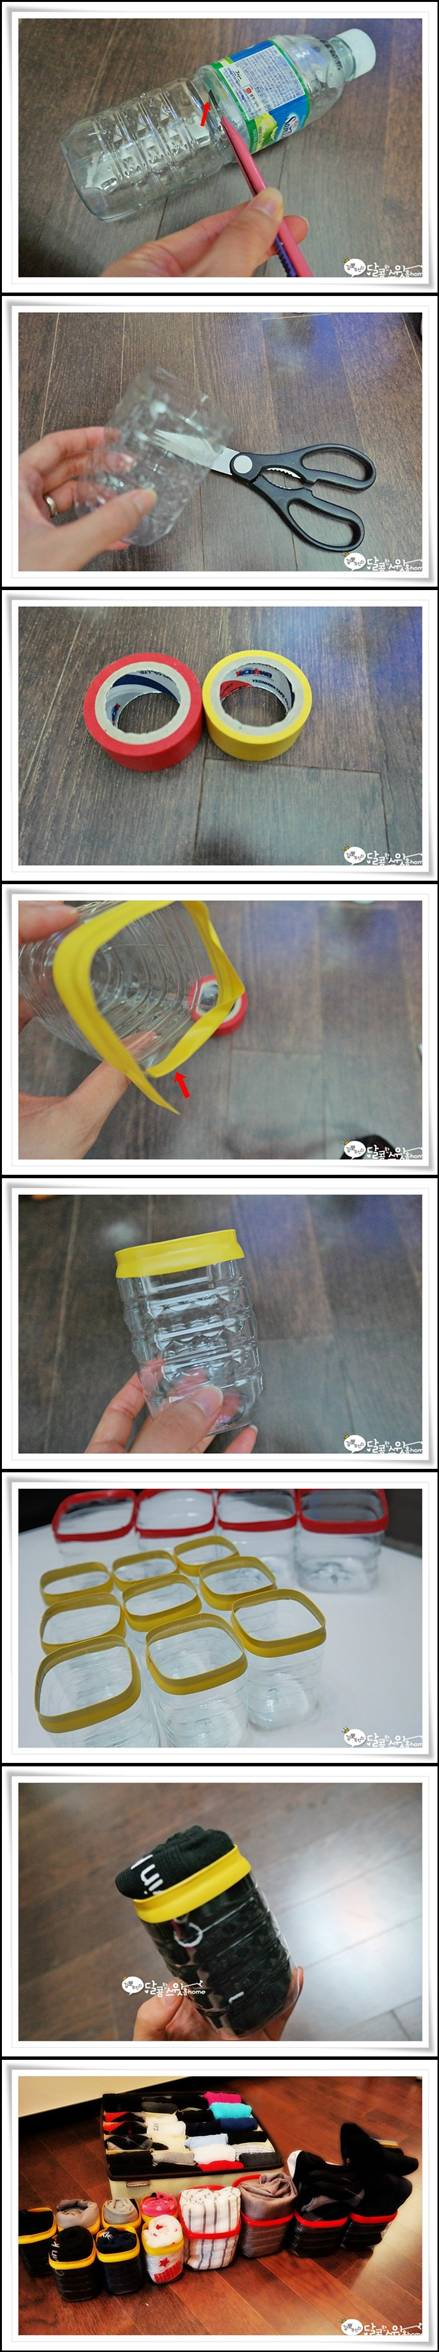 reuso de garrafas plásticas de água ou sucos garrafa